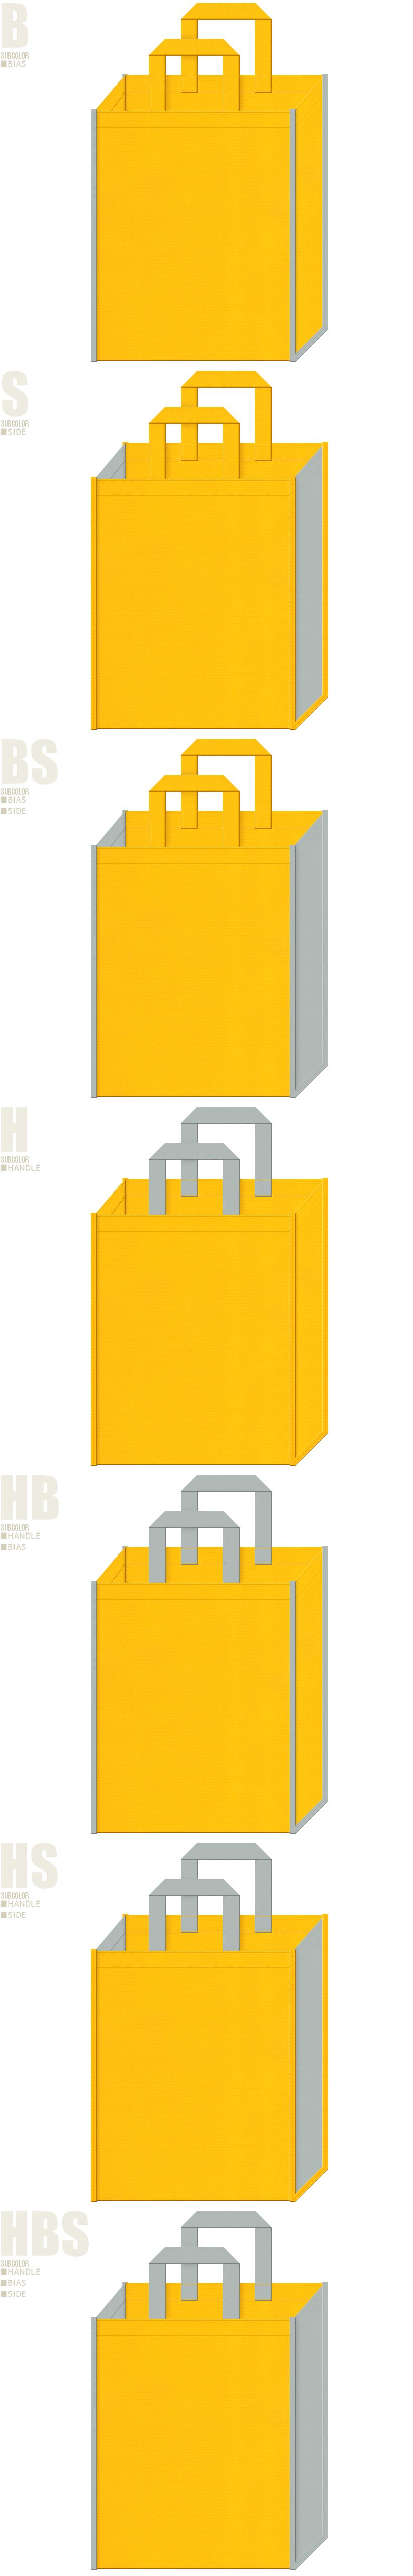 黄色とグレー色、7パターンの不織布トートバッグ配色デザイン例。